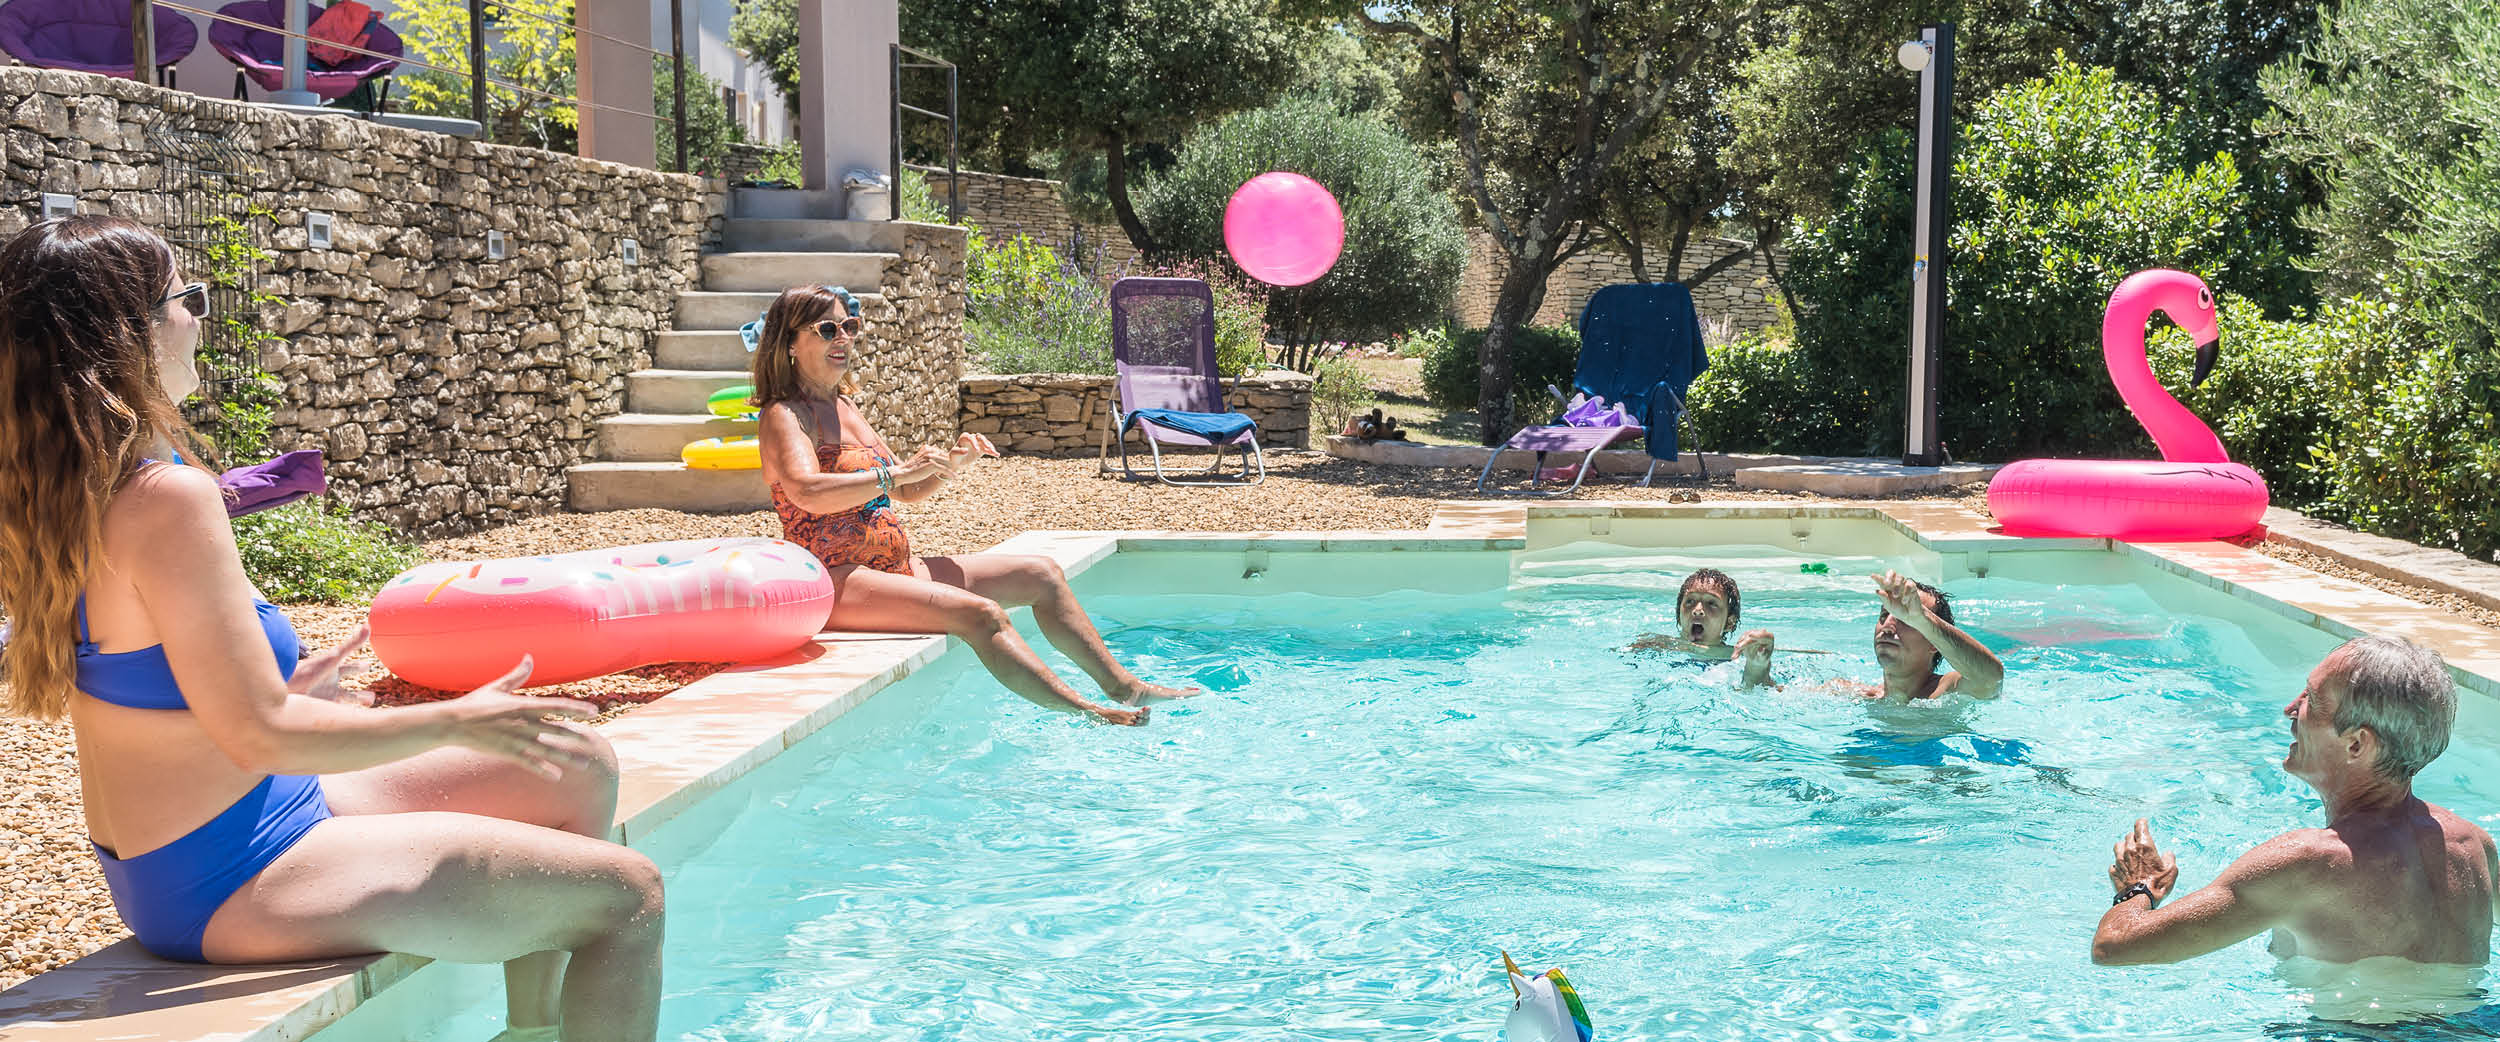 Déclaration préalable de travaux ou permis de construire pour ma future piscine ?